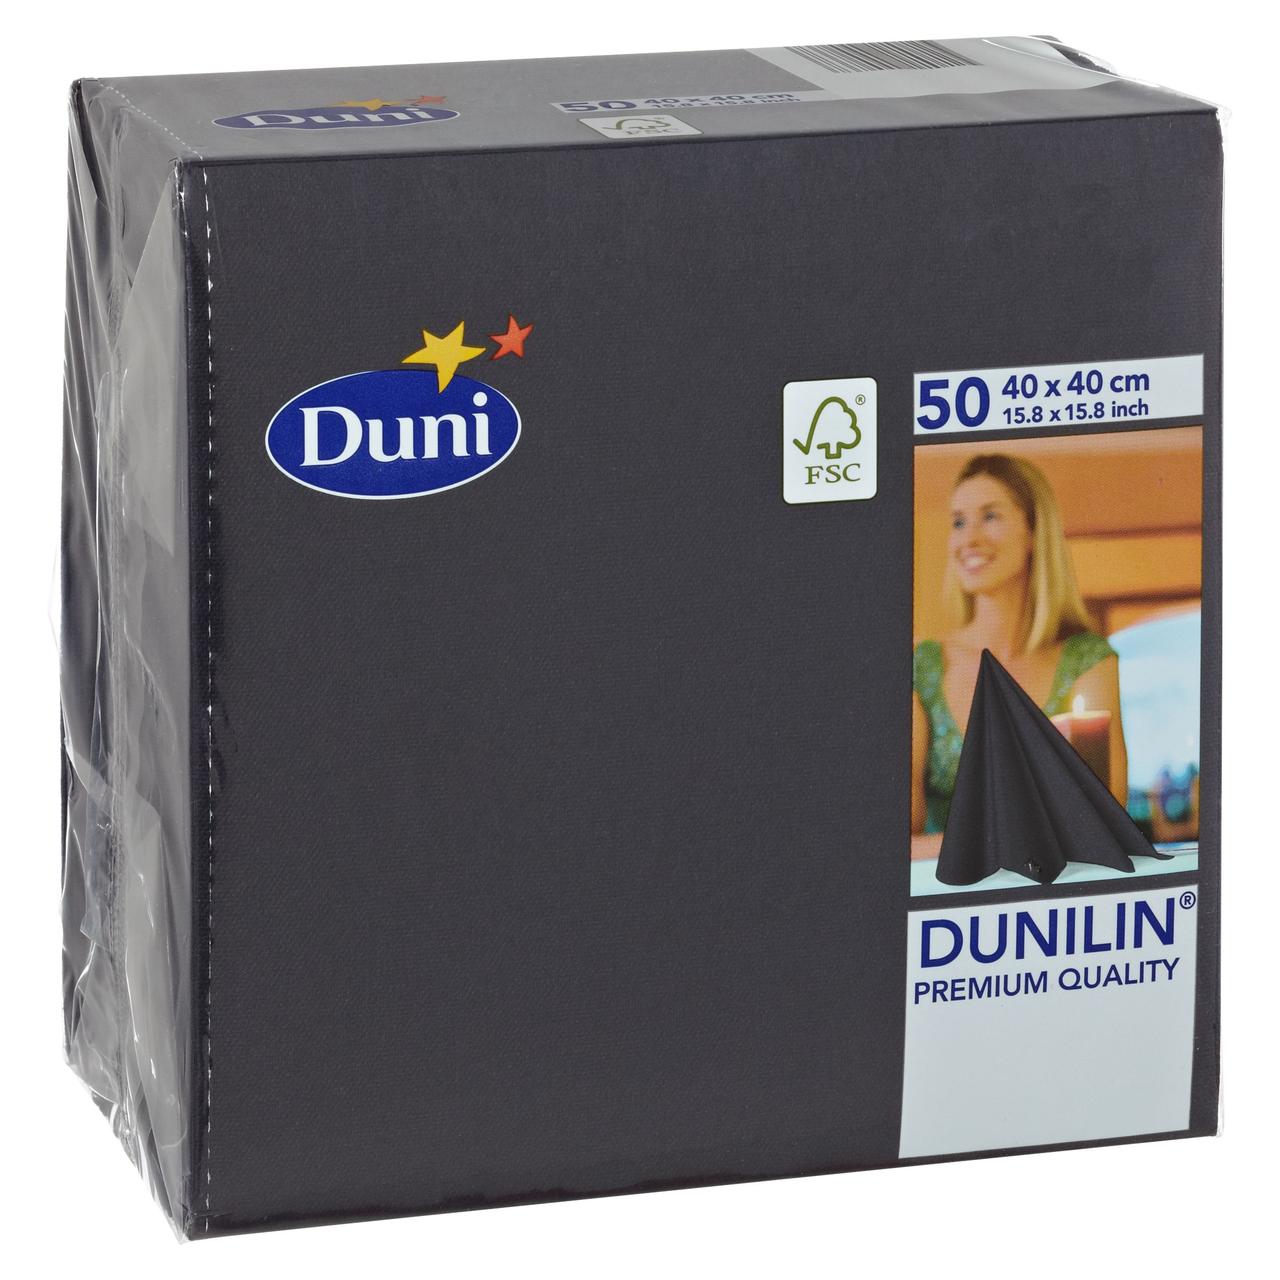 Duni Dunilin Servietten Linnea Granit Grey 40 x 40 cm 1//4 Falz 50 Stück